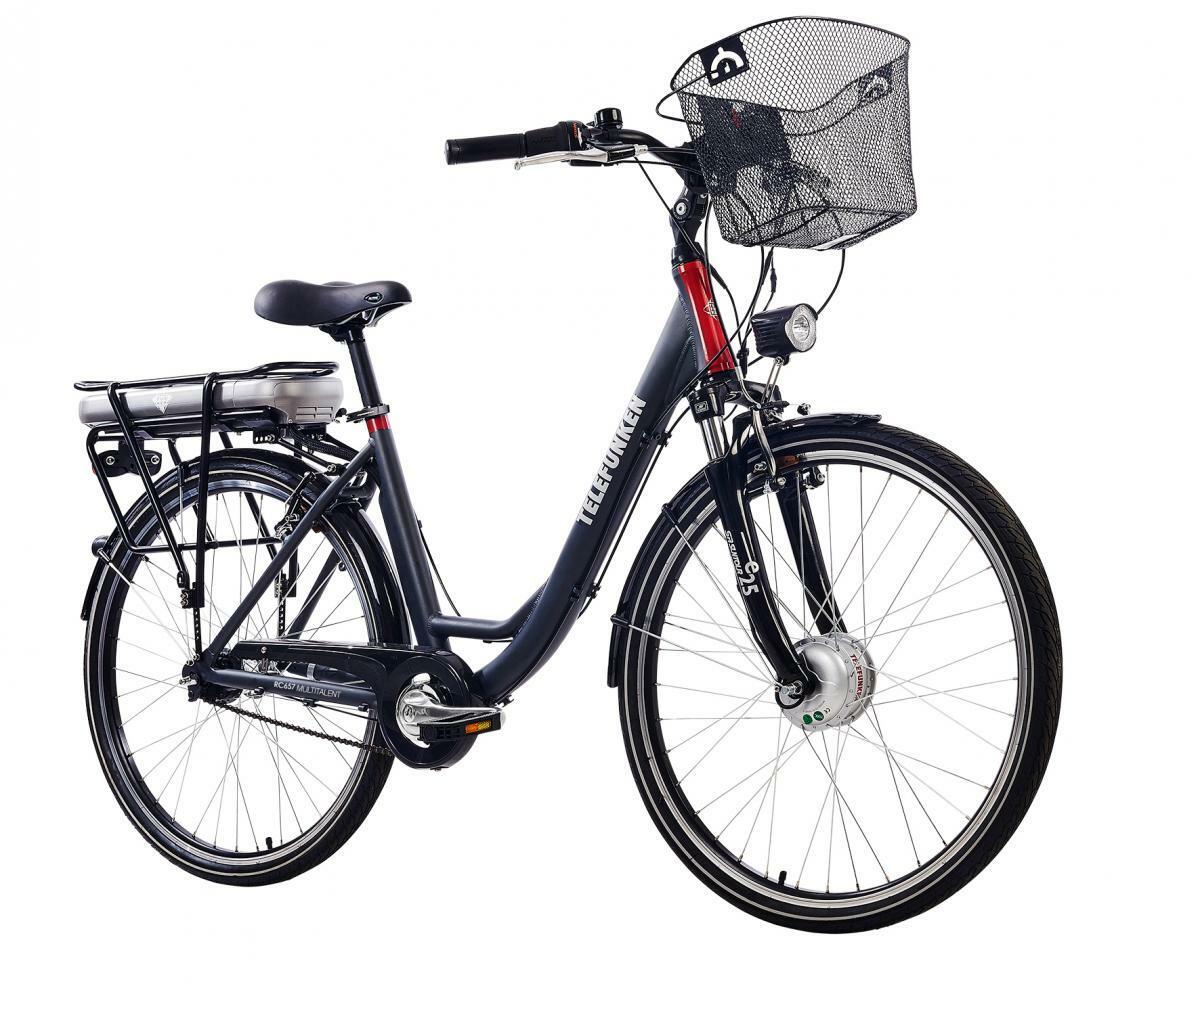 Bild 1 von Telefunken Damen City E-Bike RC657 Multitalent mit 7-Gang Shimano Nabenschaltung